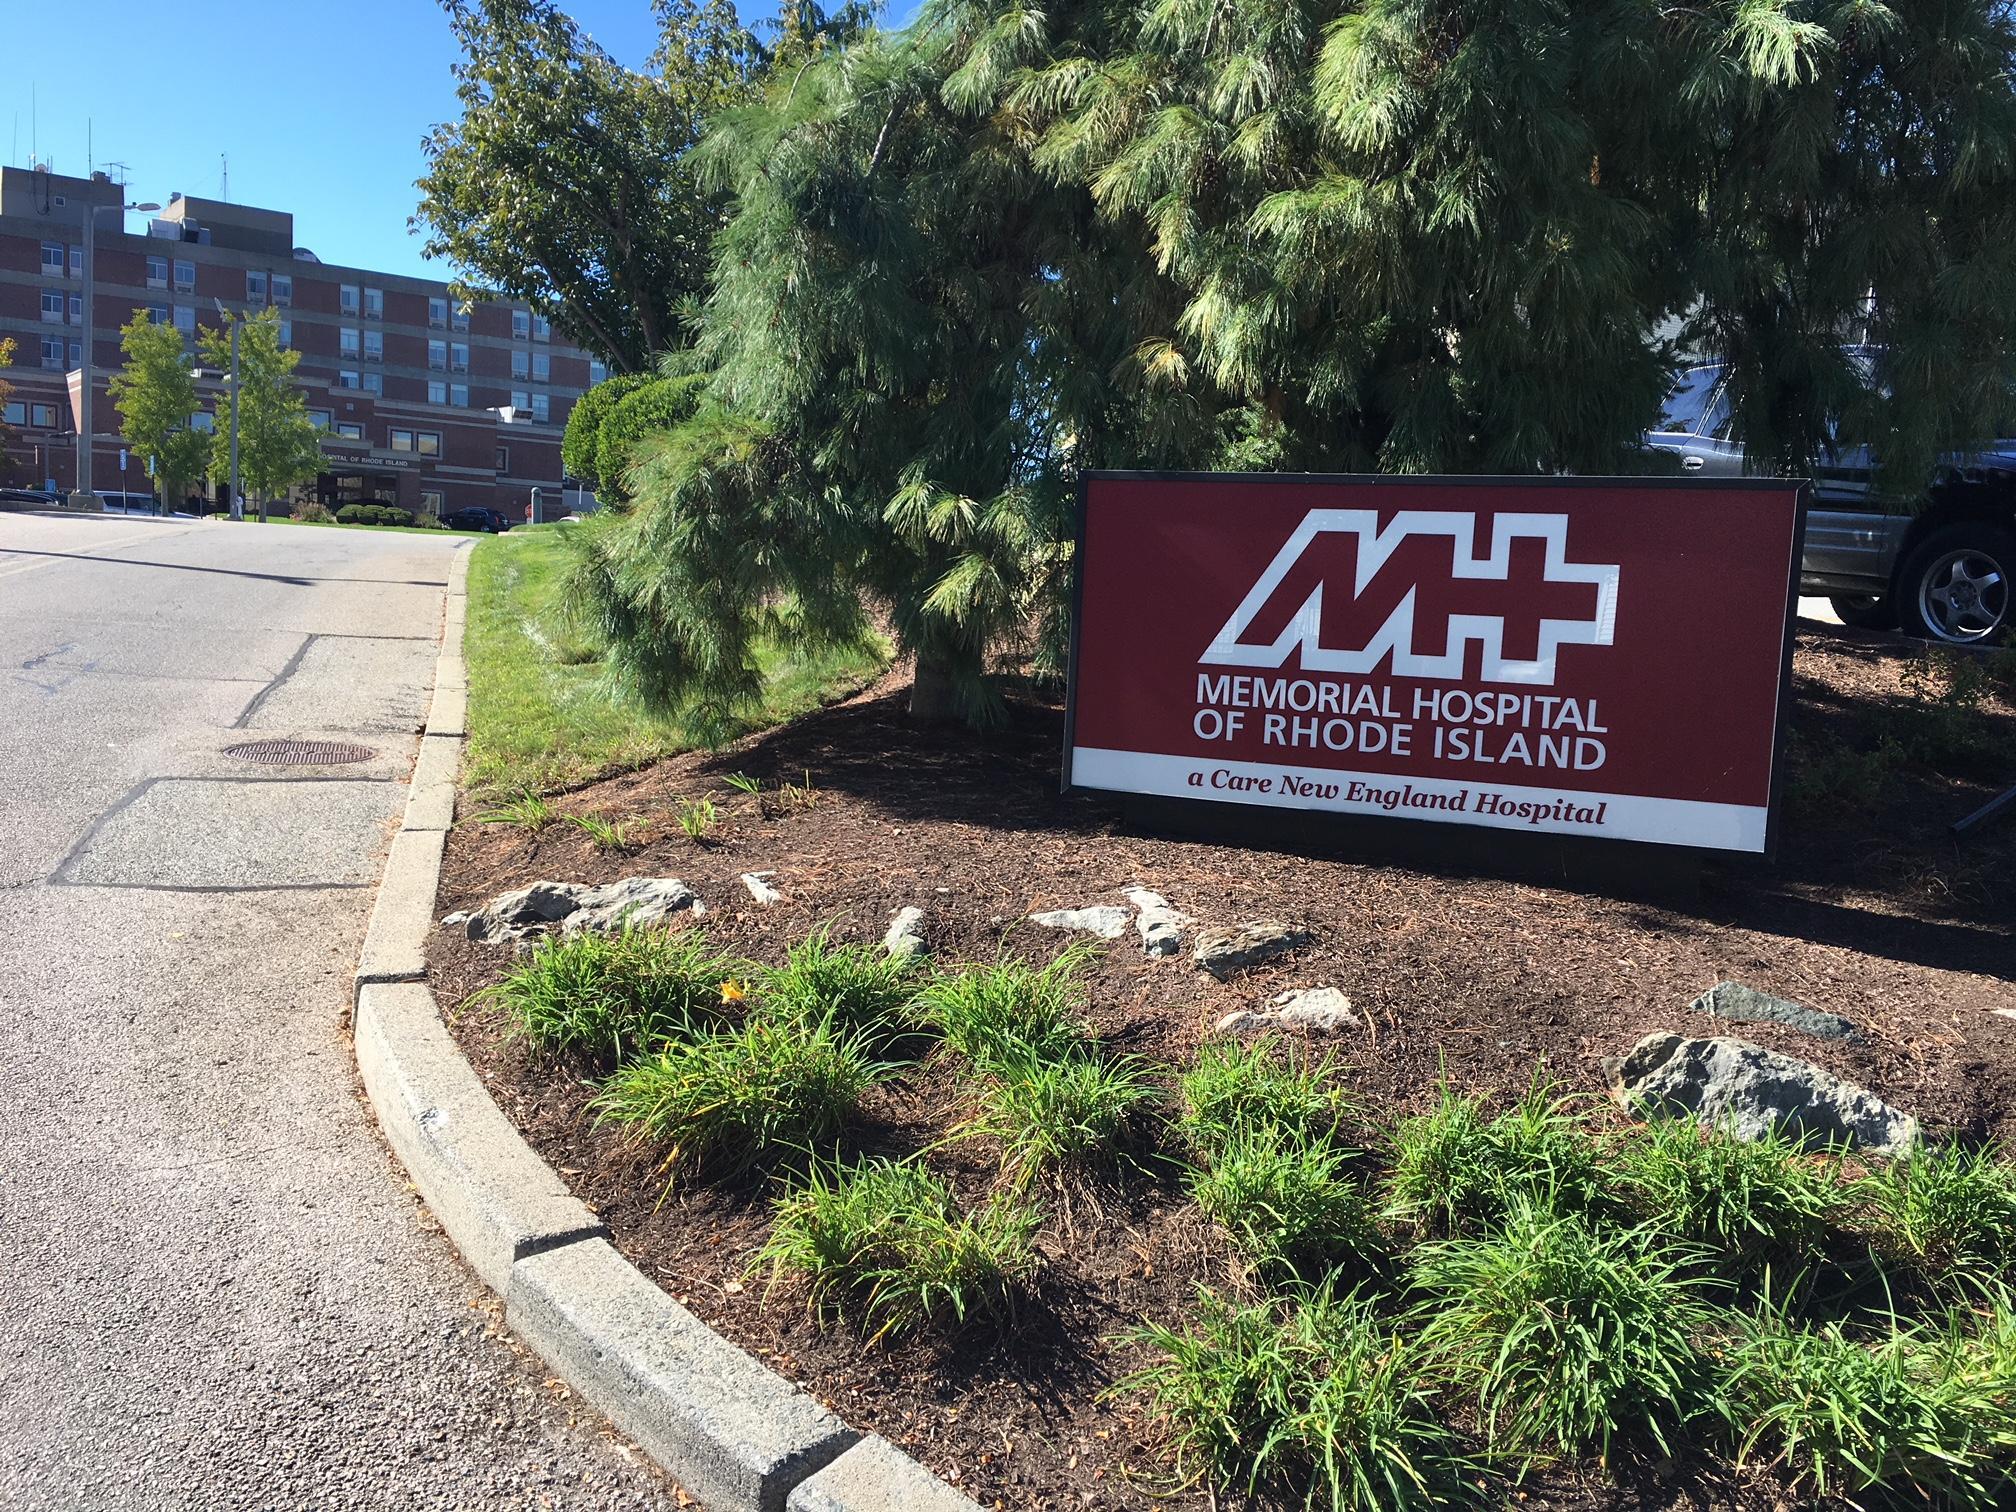 Memorial Hospital Rhode Island Family Care Center